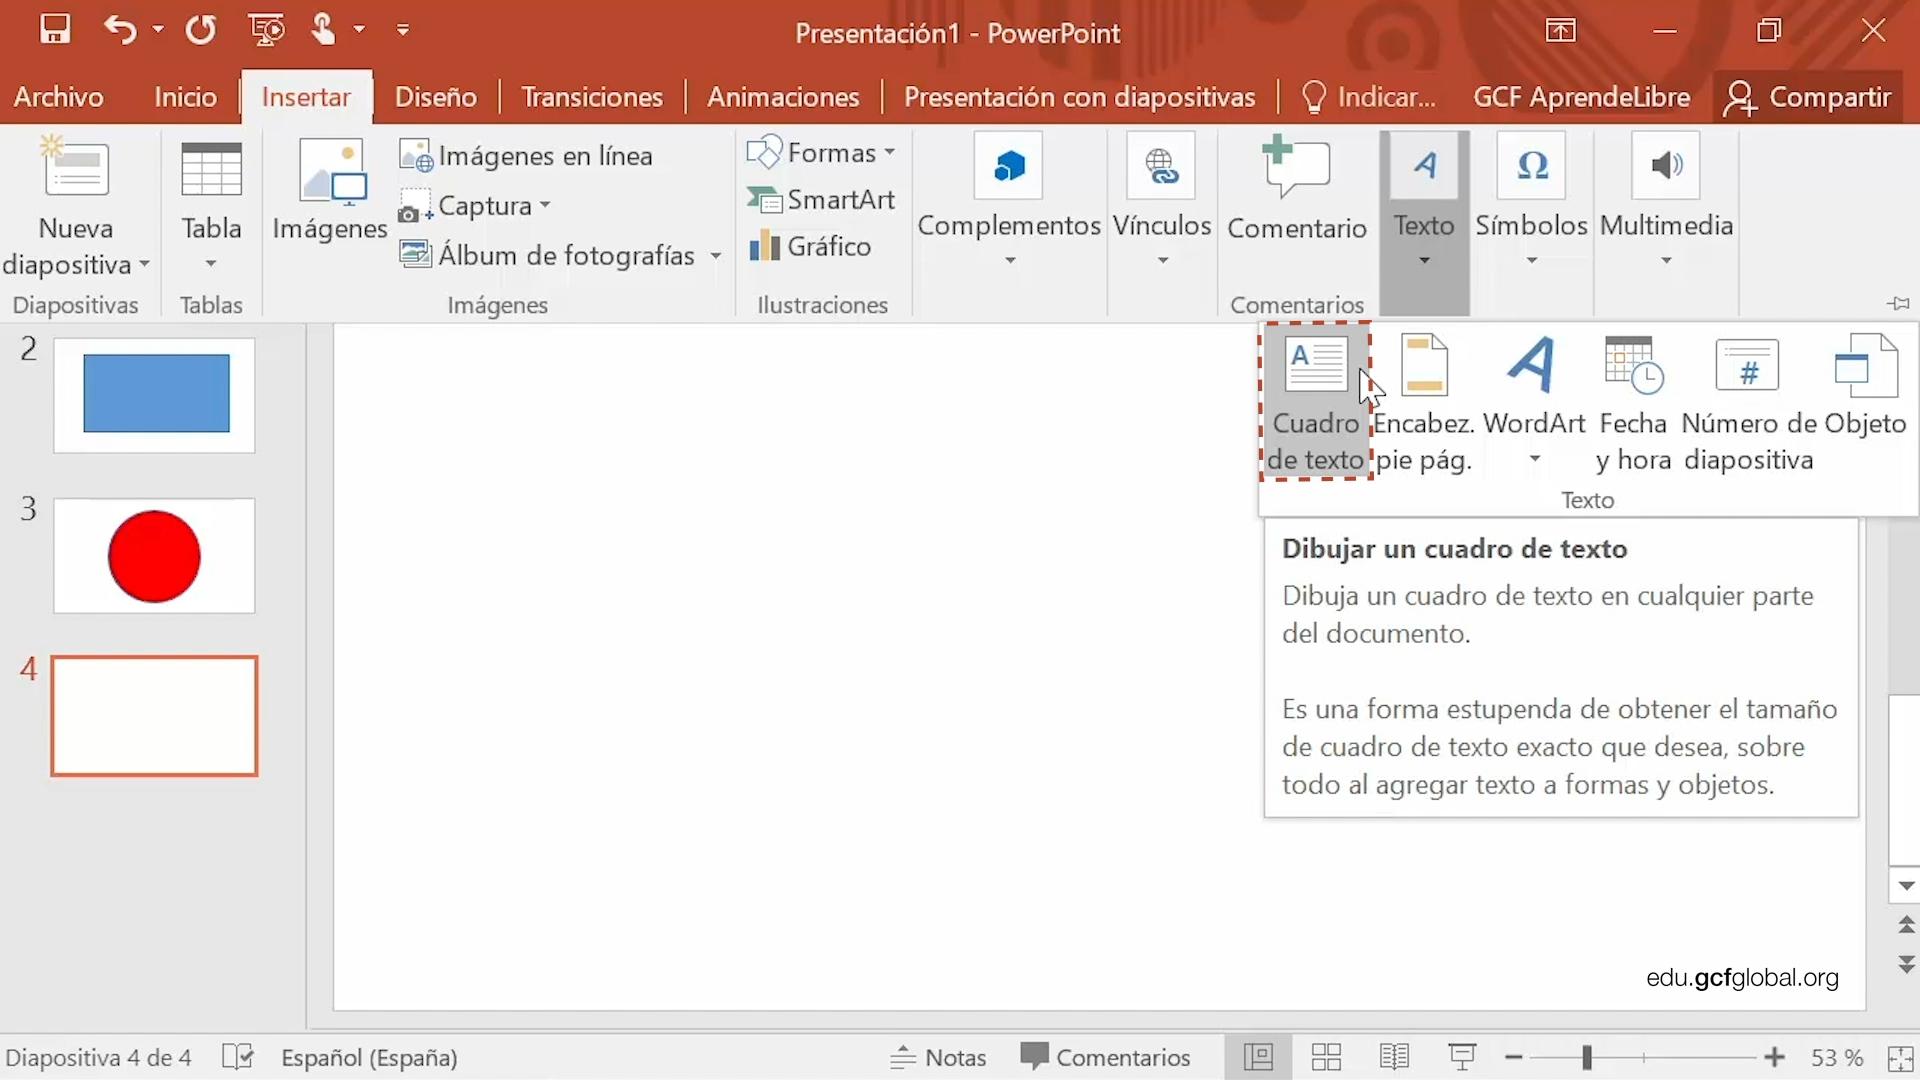 Imagen de Powerpoint seleccionando la opción cuadro de texto.